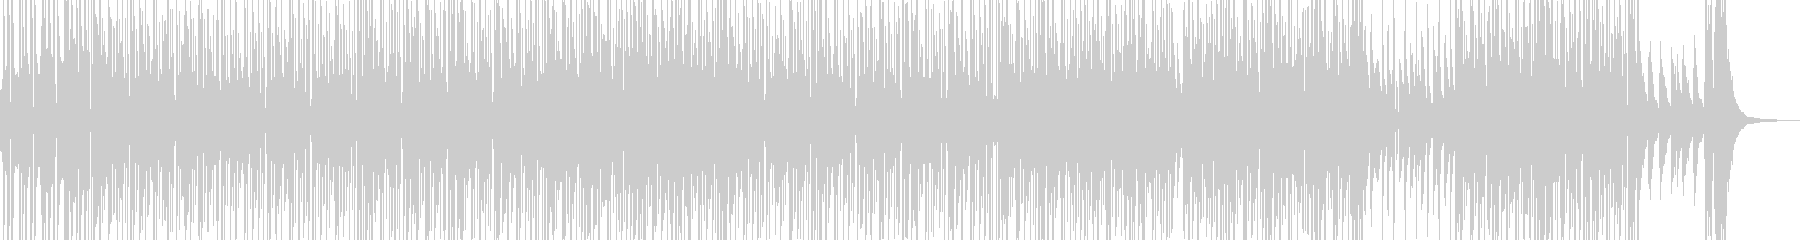 シャレたリズムのアダルティなR&B Bの未再生の波形